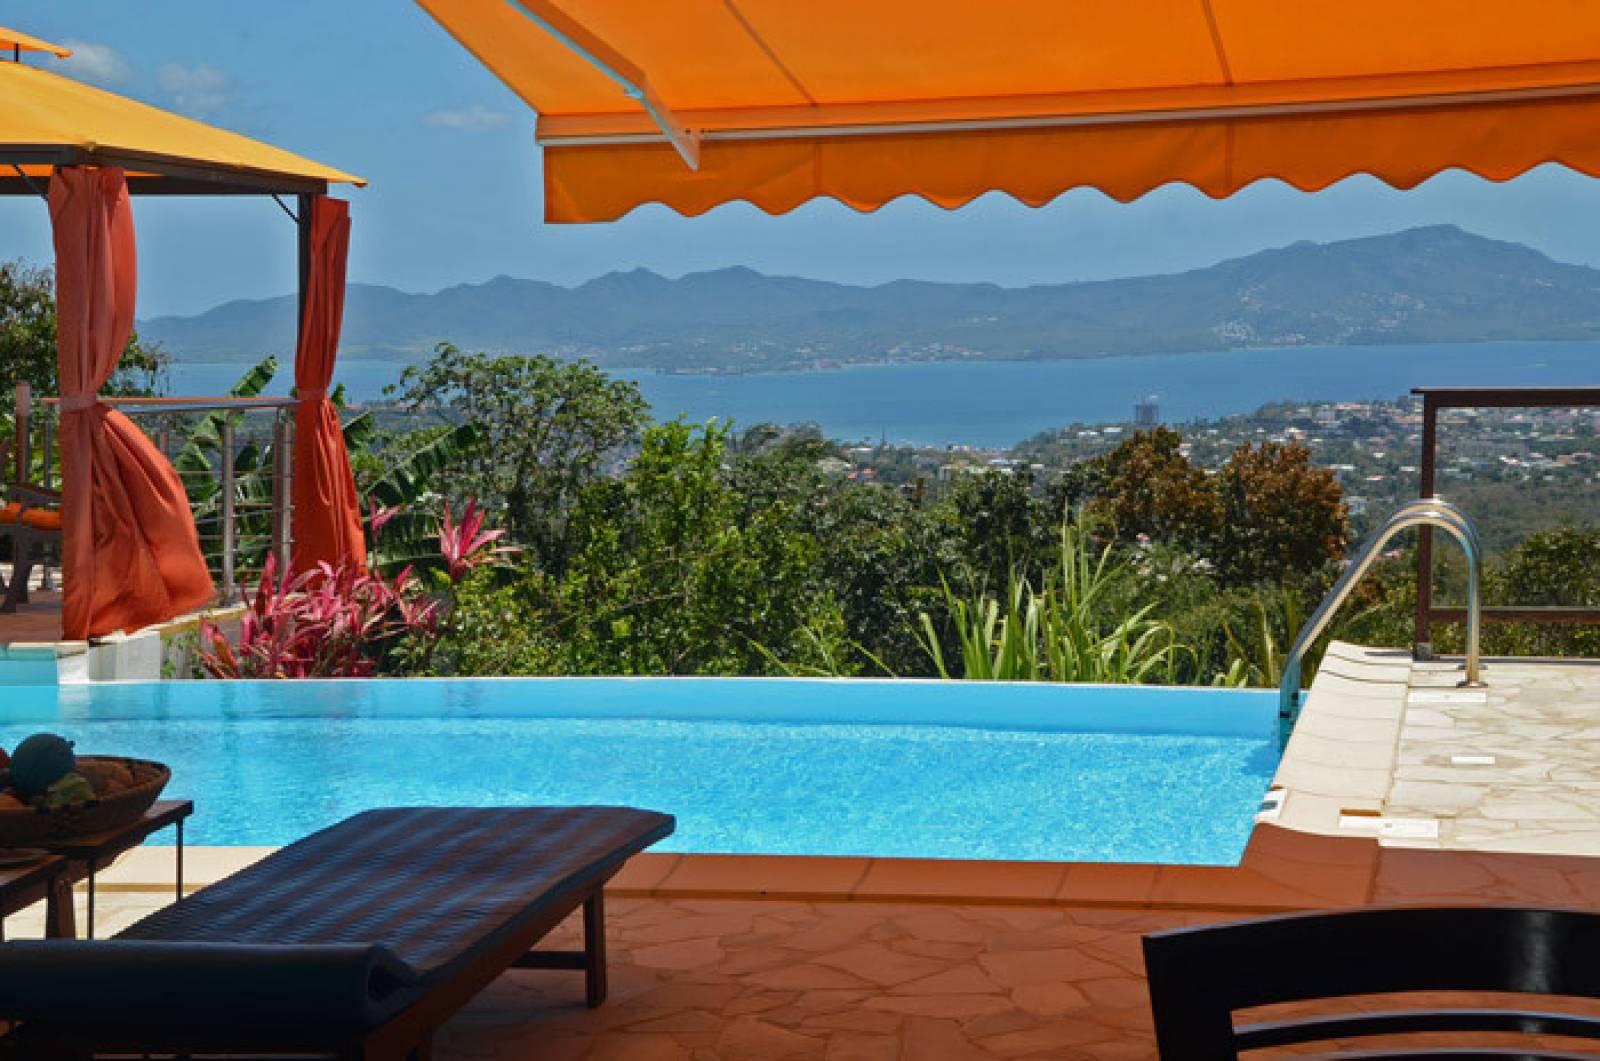 La piscine est face à la mer aux eaux cristallines Baignades, détente et farniente au prog...